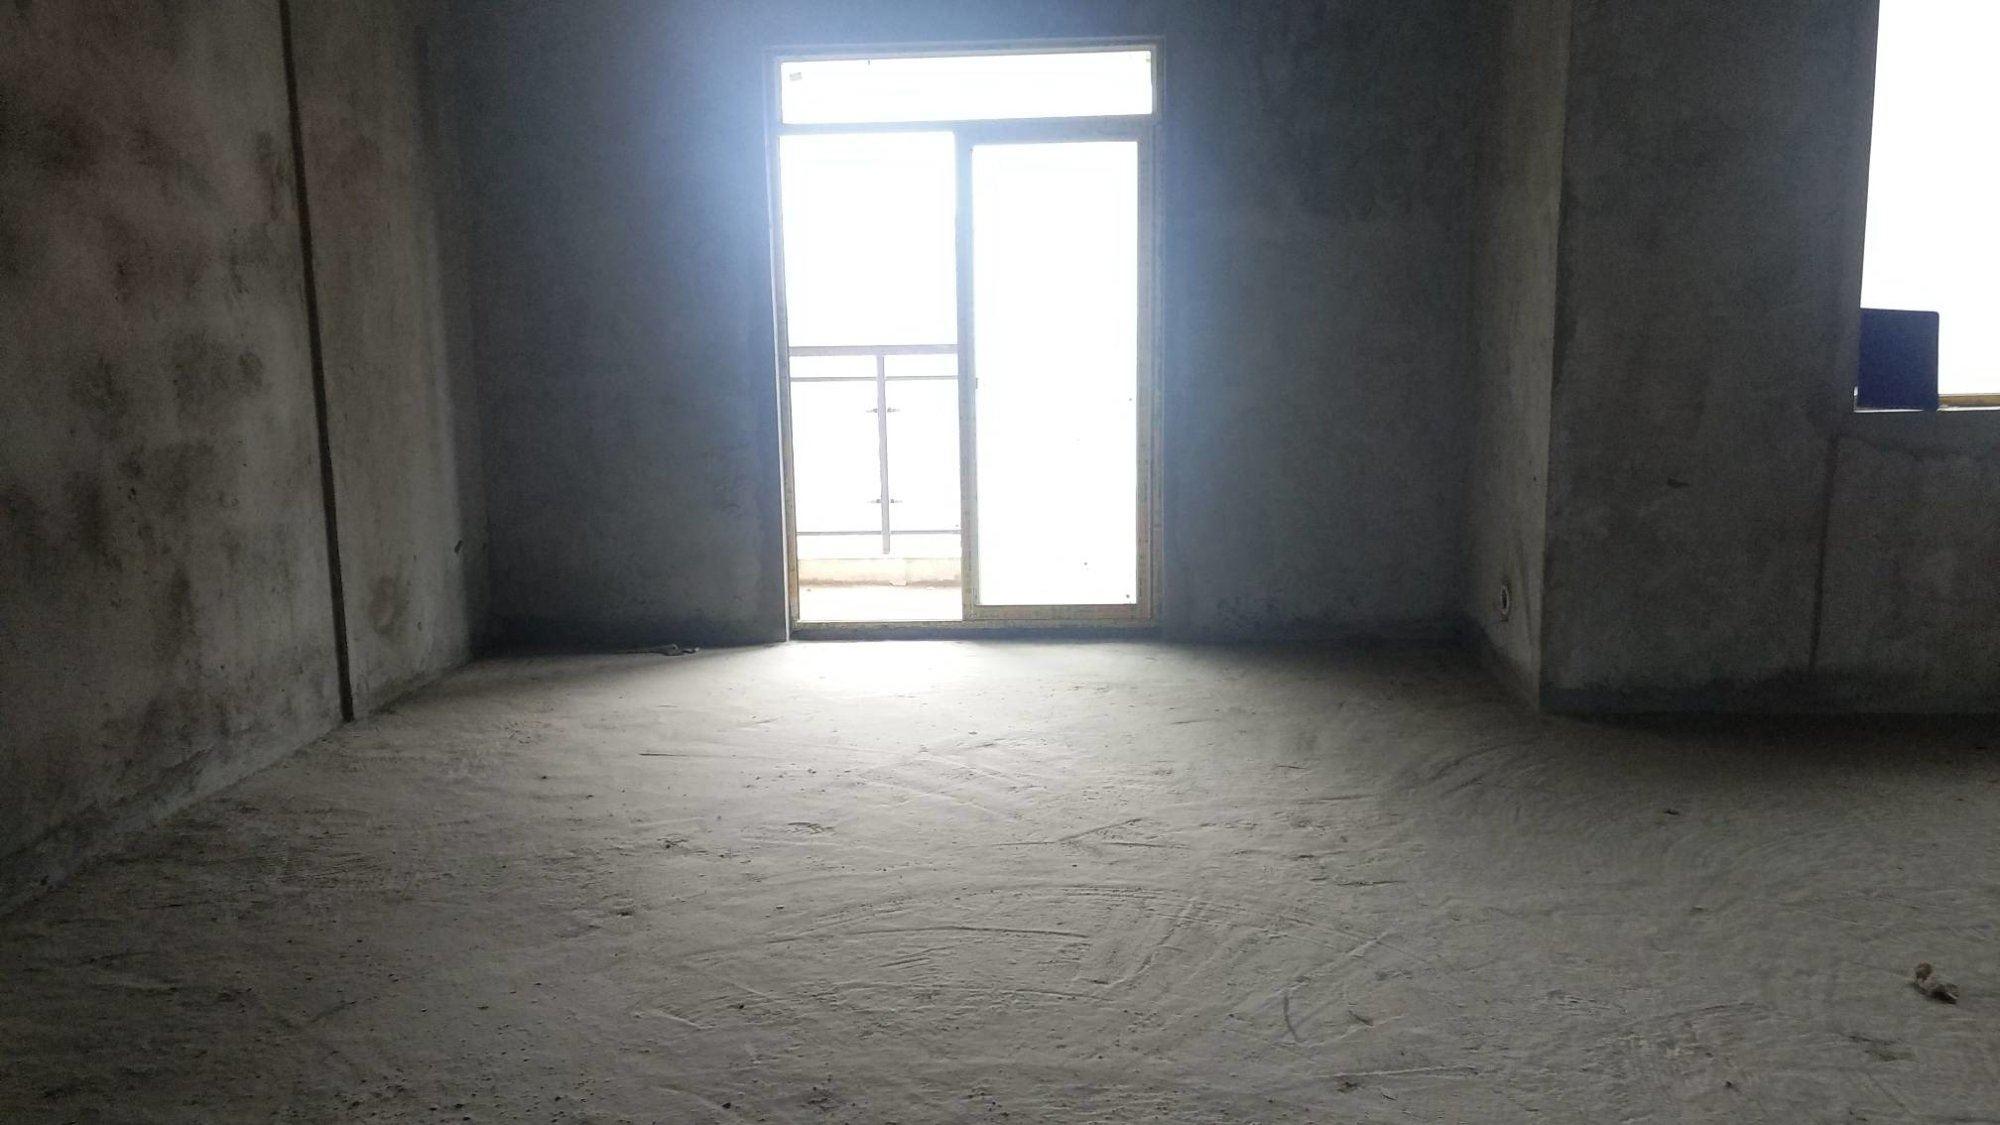 城南 核心地段 紫禁城 毛坯大三房 南北通透 中间好楼层